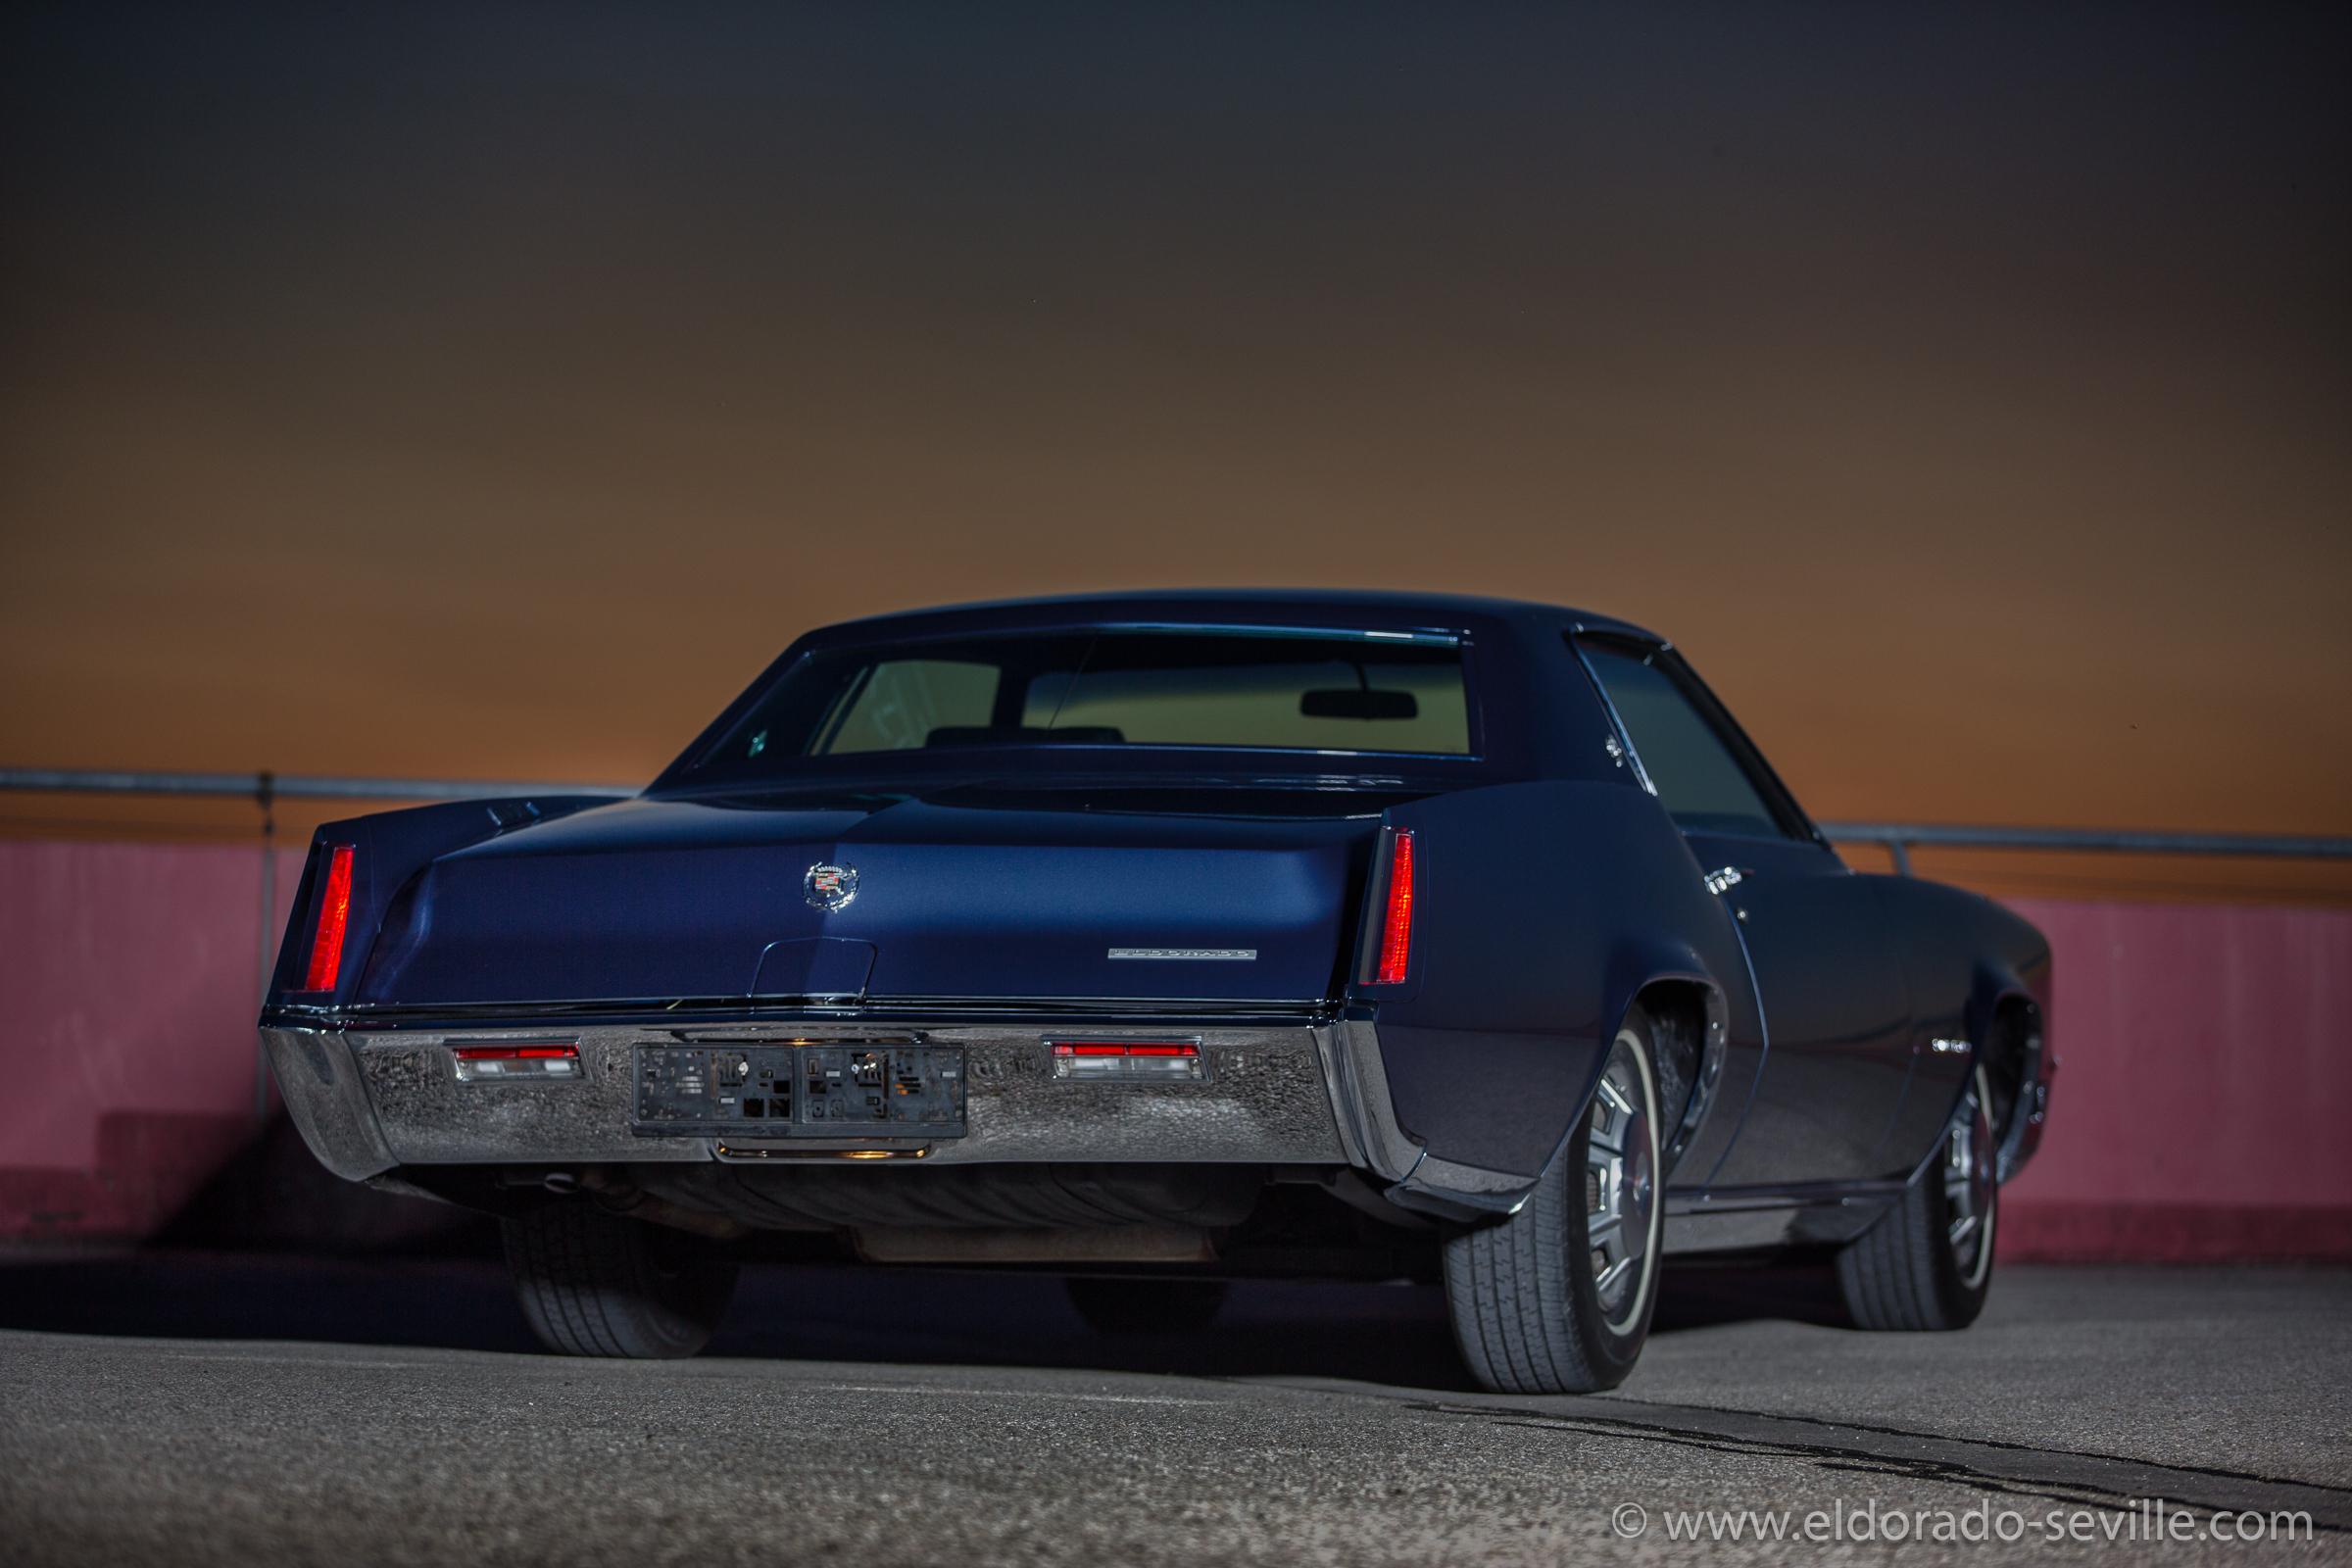 My 1967 Cadillac Eldorado